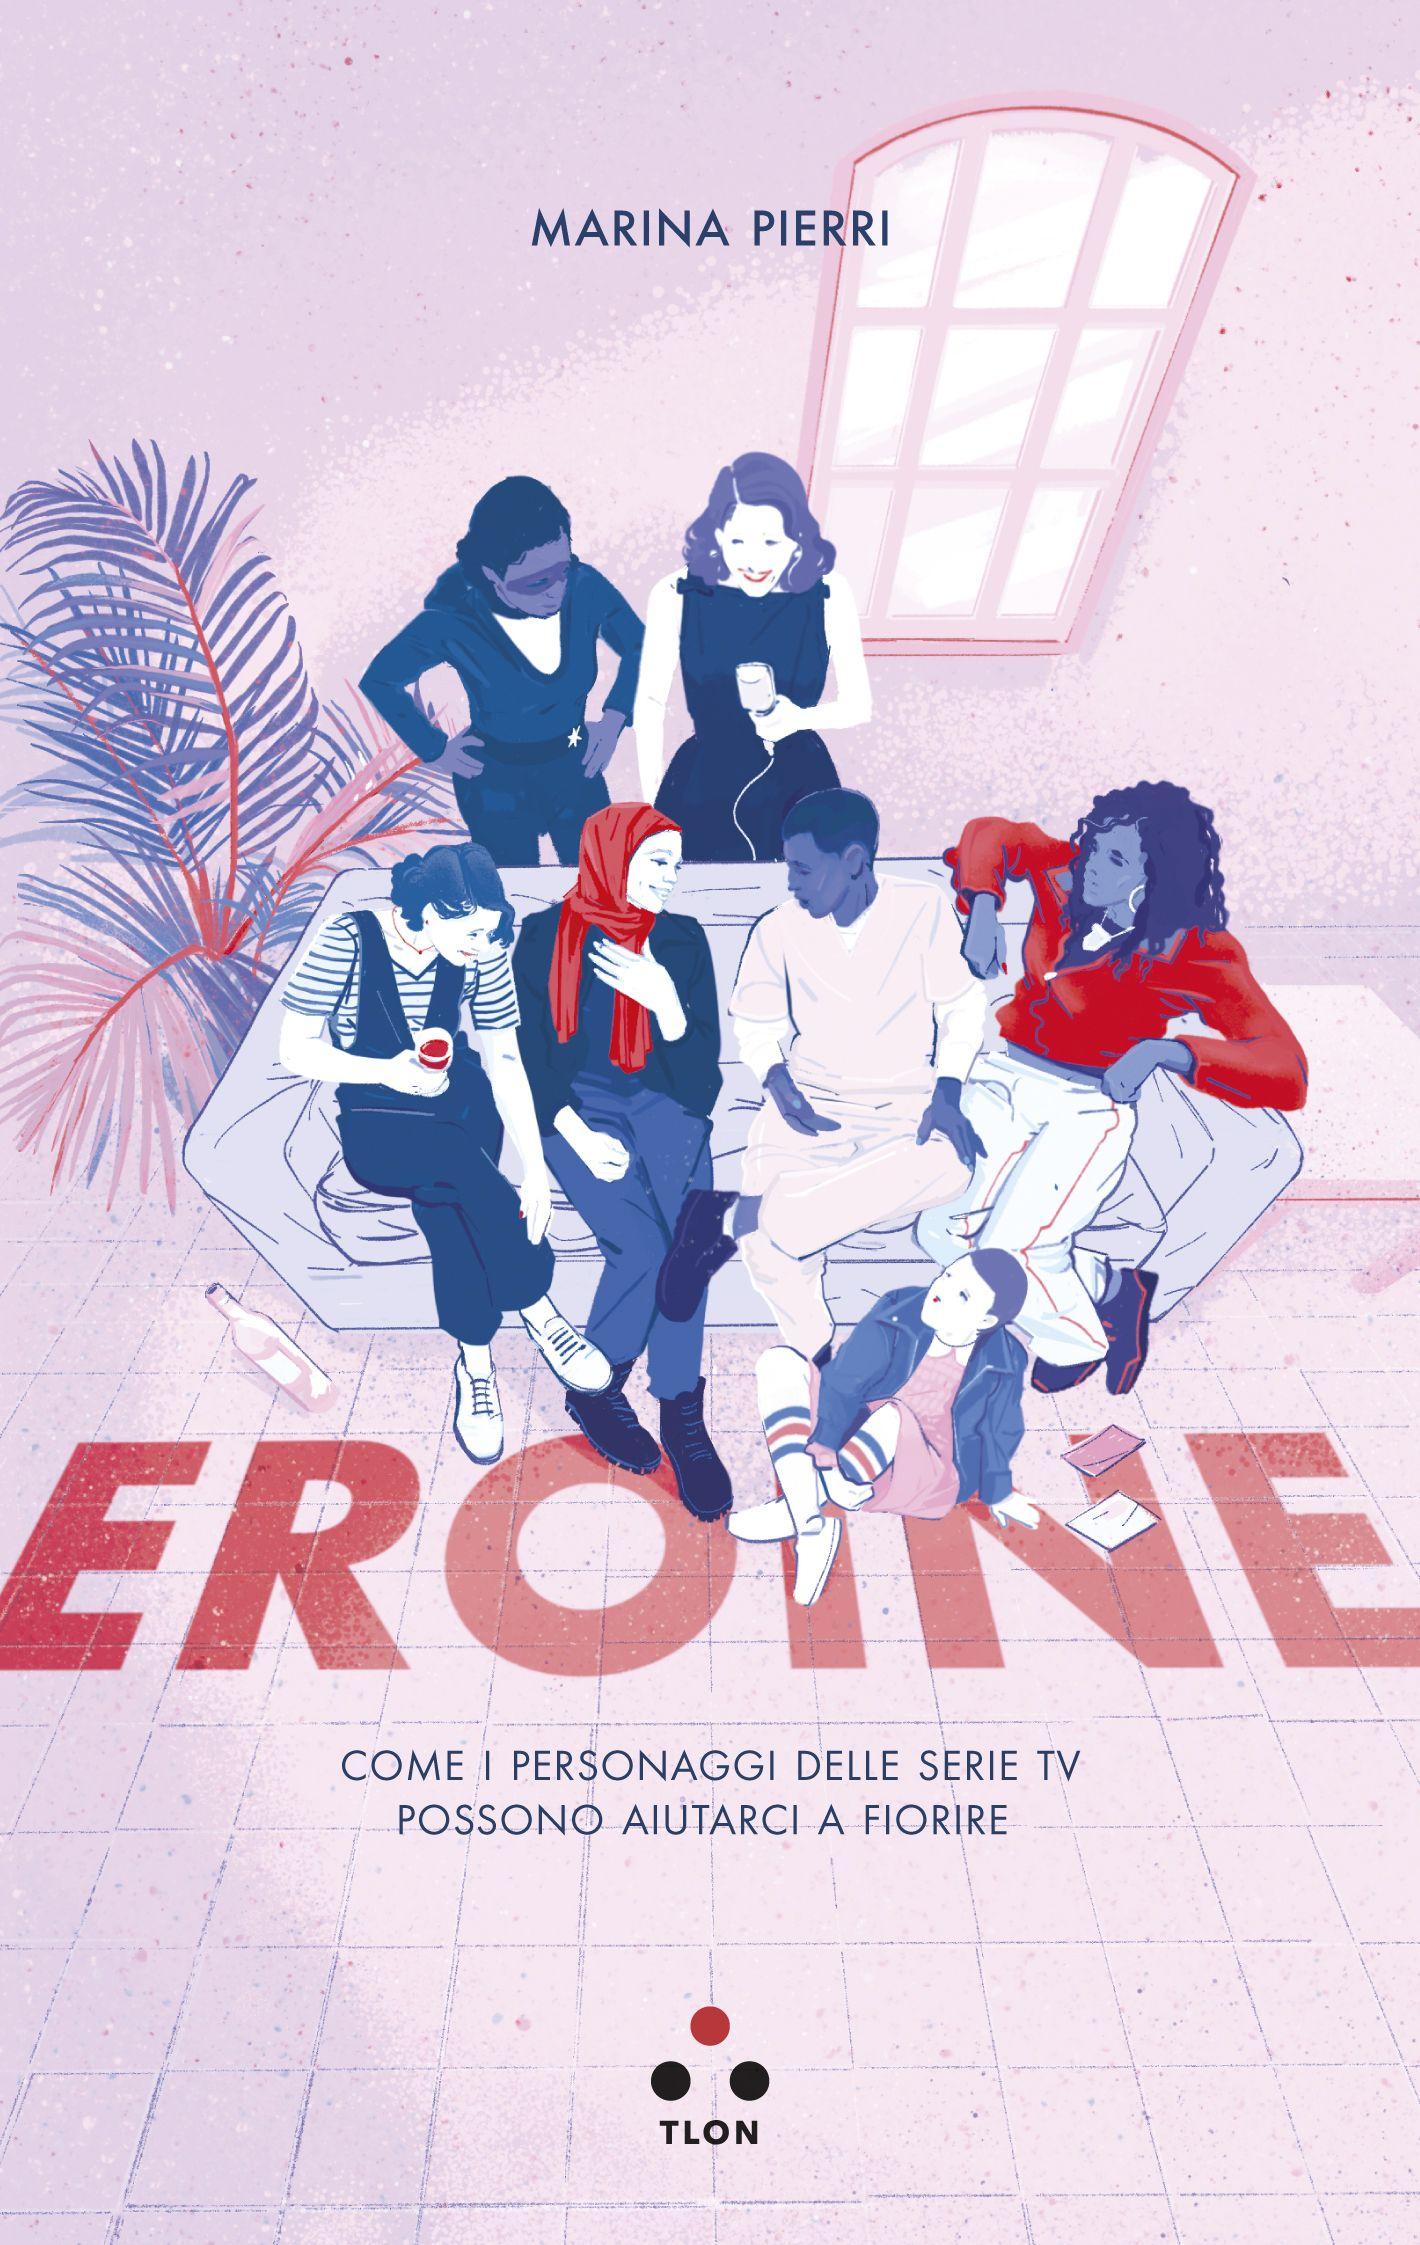 La Cover di Eroine, il nuovo libro edito da Tlon scritto da Marina Pierri.